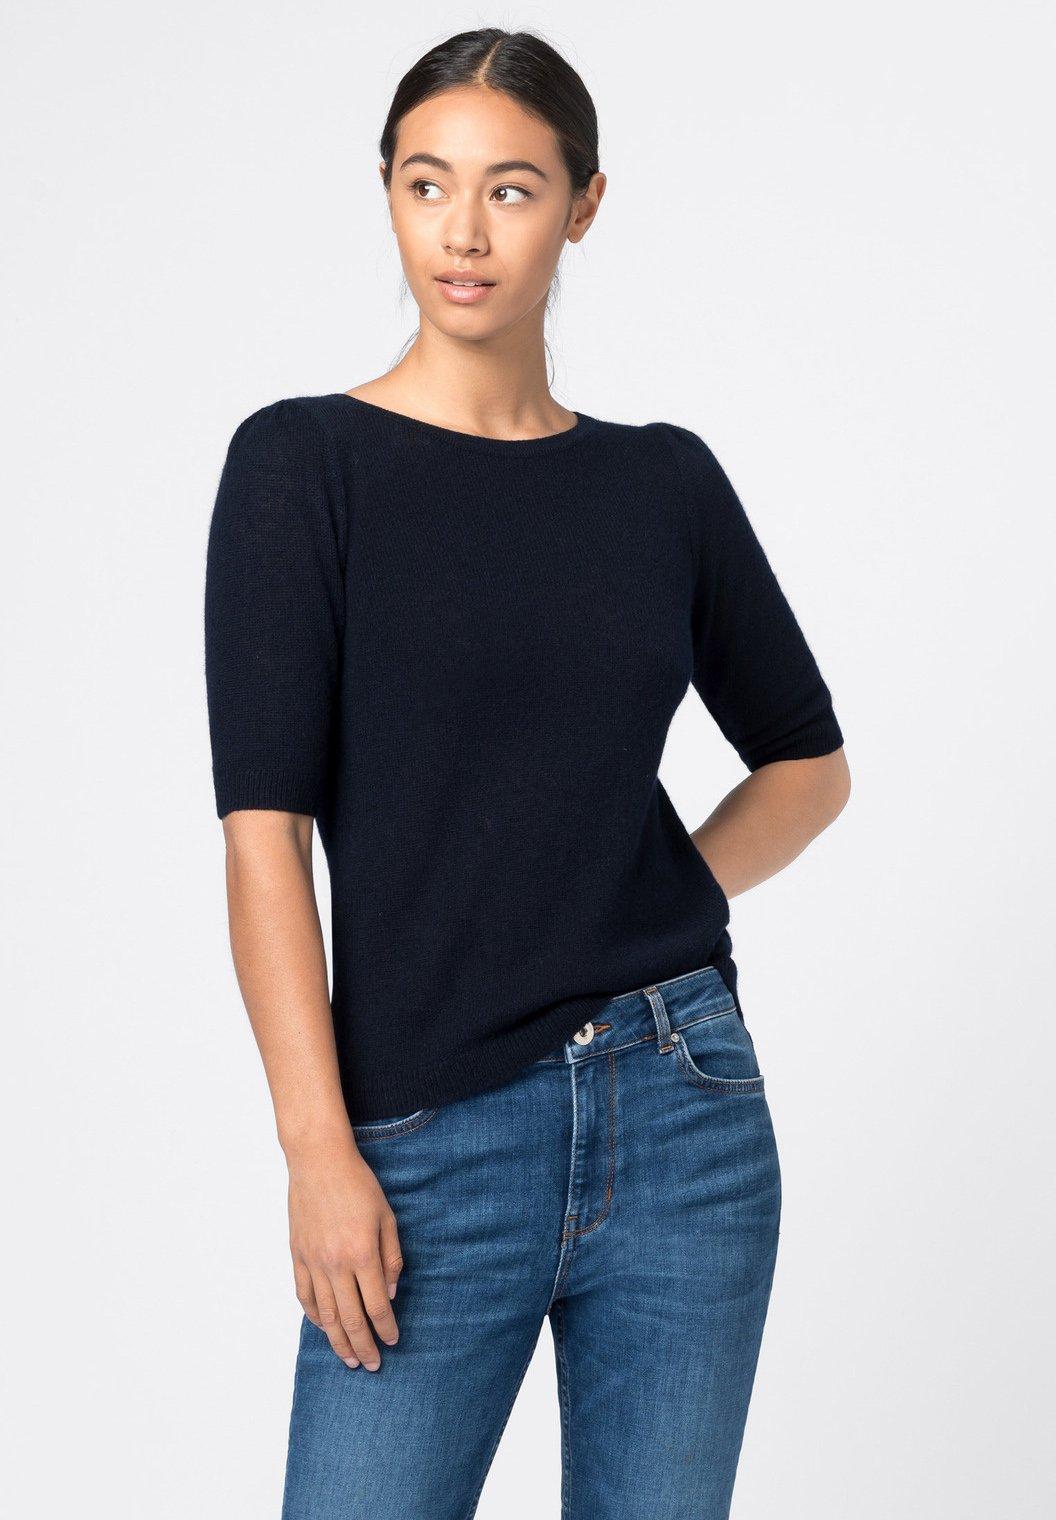 HALLHUBER Sweater - dunkelblau - Dames jas Nieuw